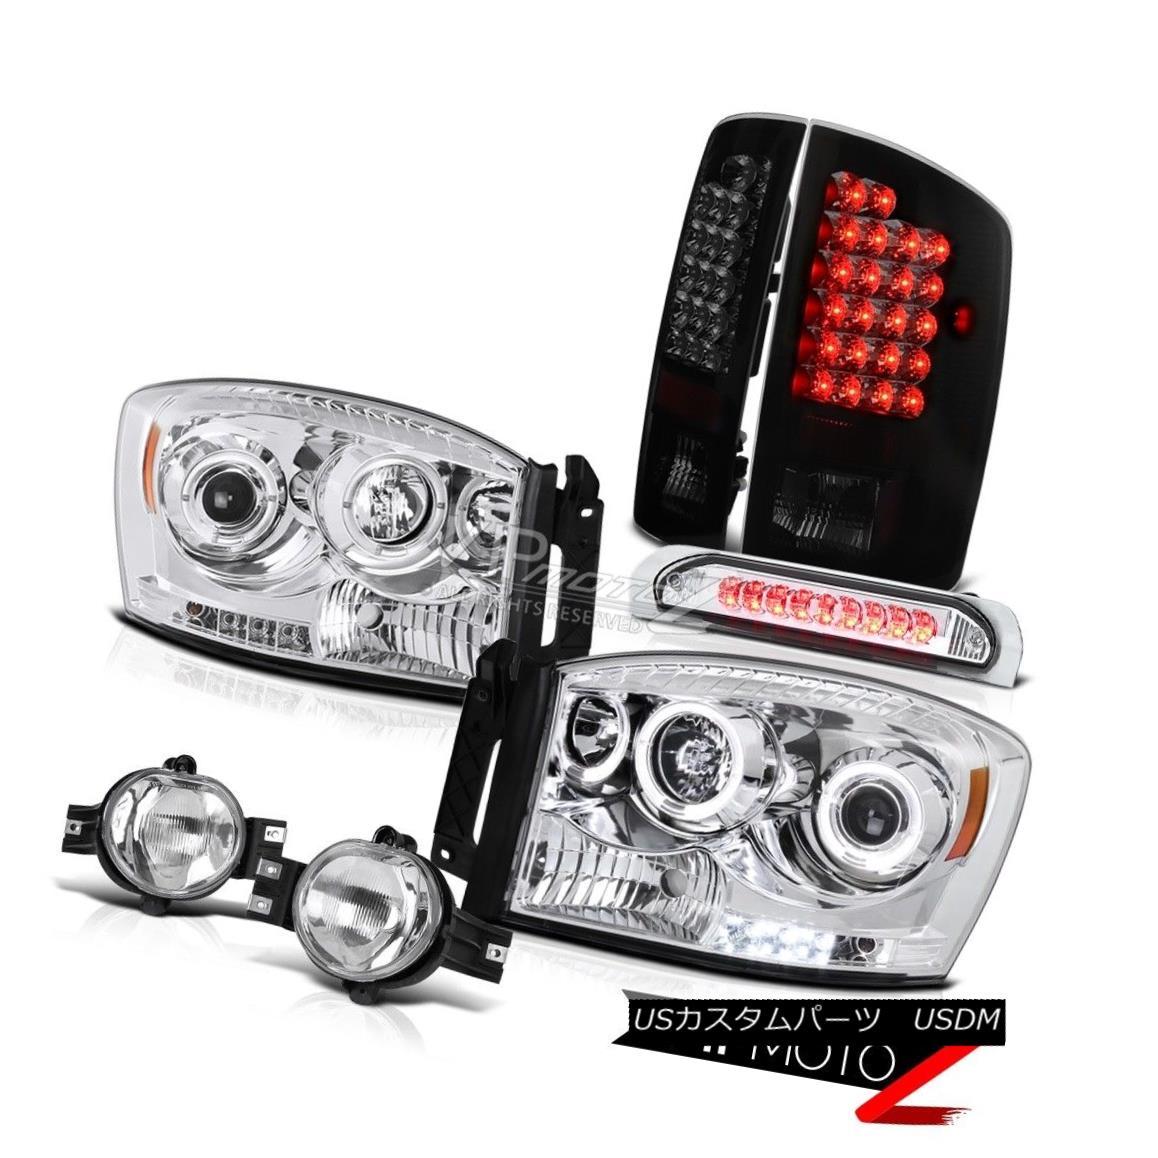 """ヘッドライト """"Beast Mode"""" Dodge Ram <BRIGHTEST> LED Tail Light+Headlight+Fog+3rd Brake Lamps 「ビーストモード」ドッジラム< BRIGHTEST> LEDテールライト+ヘッドライト t +フォグ+第3ブレーキランプ"""